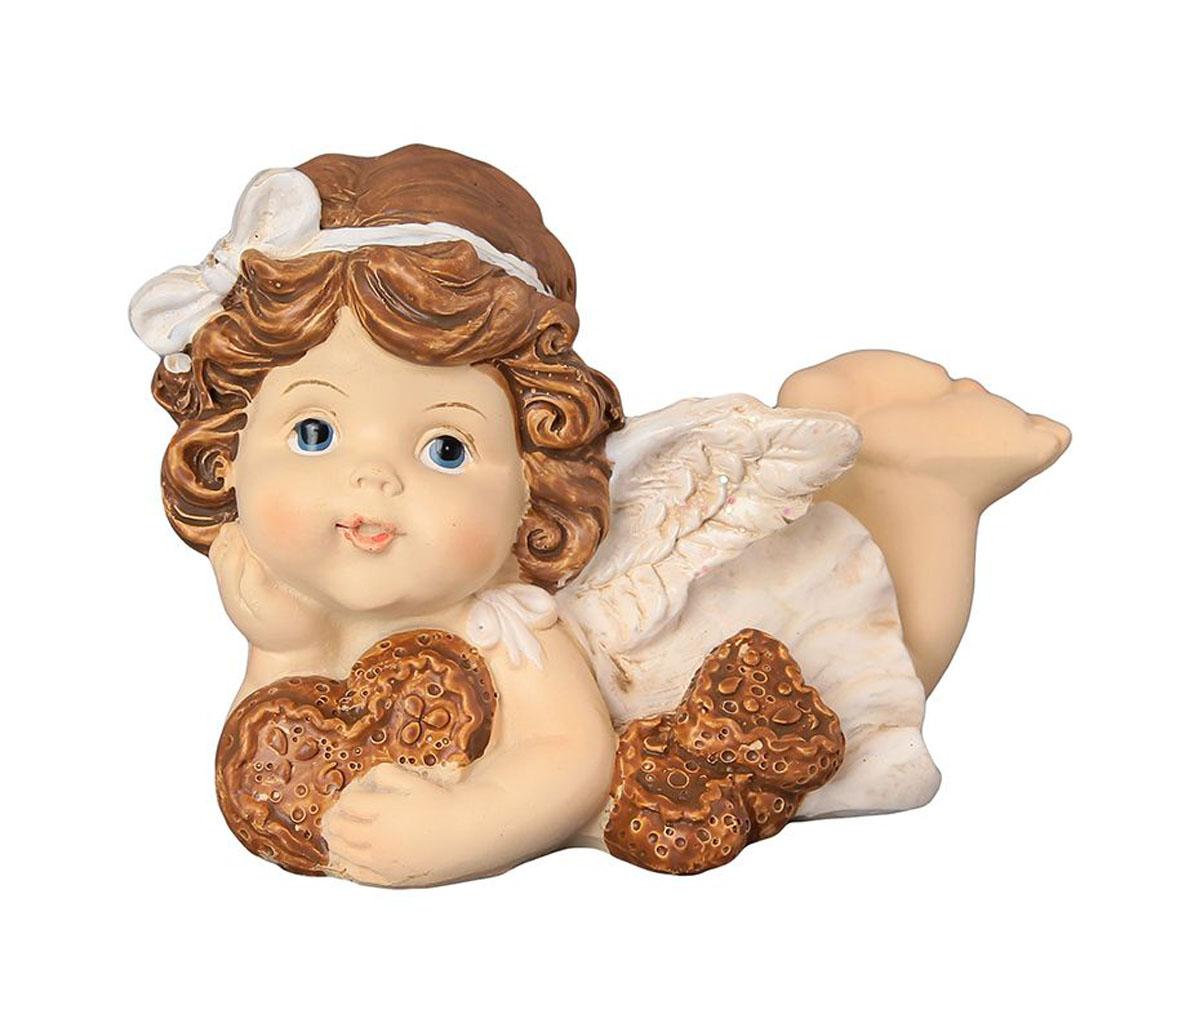 Фигурка декоративная Elan Gallery Ангелочек с пряниками, высота 8 см670141Декоративная фигурка с изображением ангелочка станет прекрасным сувениром, который вызовет улыбку и поднимет настроение. Фигурка выполнена из полистоуна.